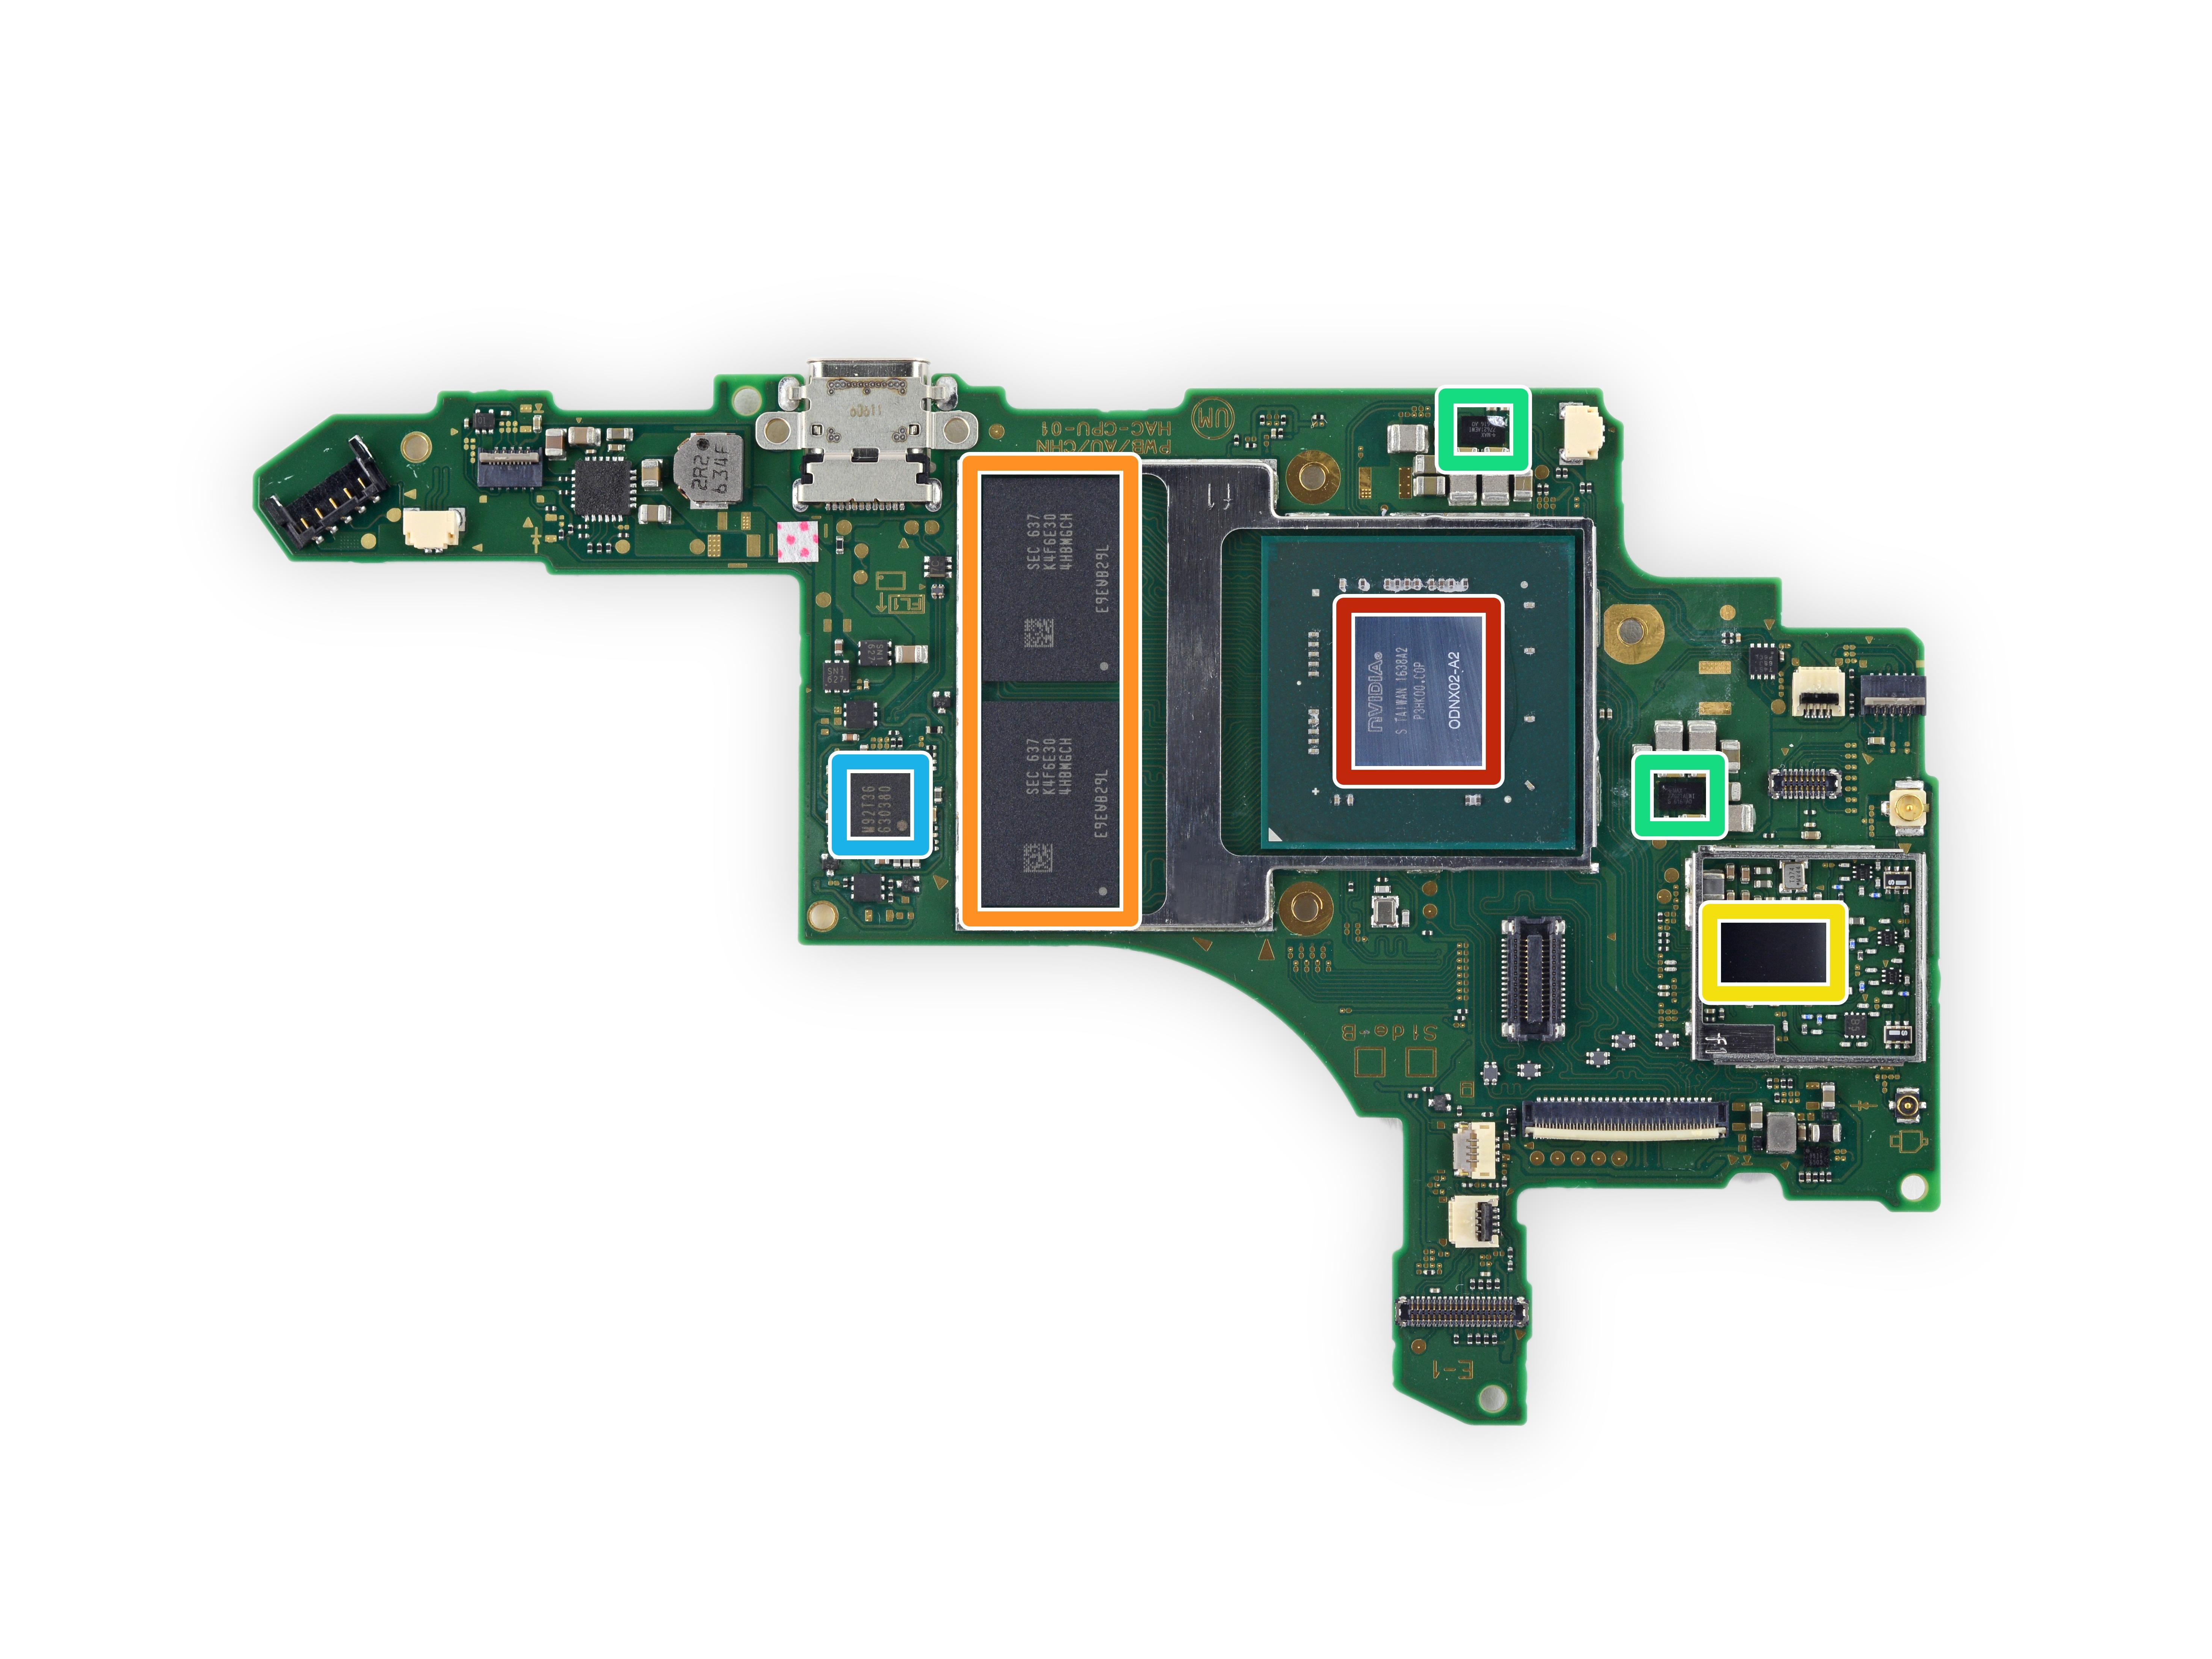 Nintendo Switch Teardown - iFixit